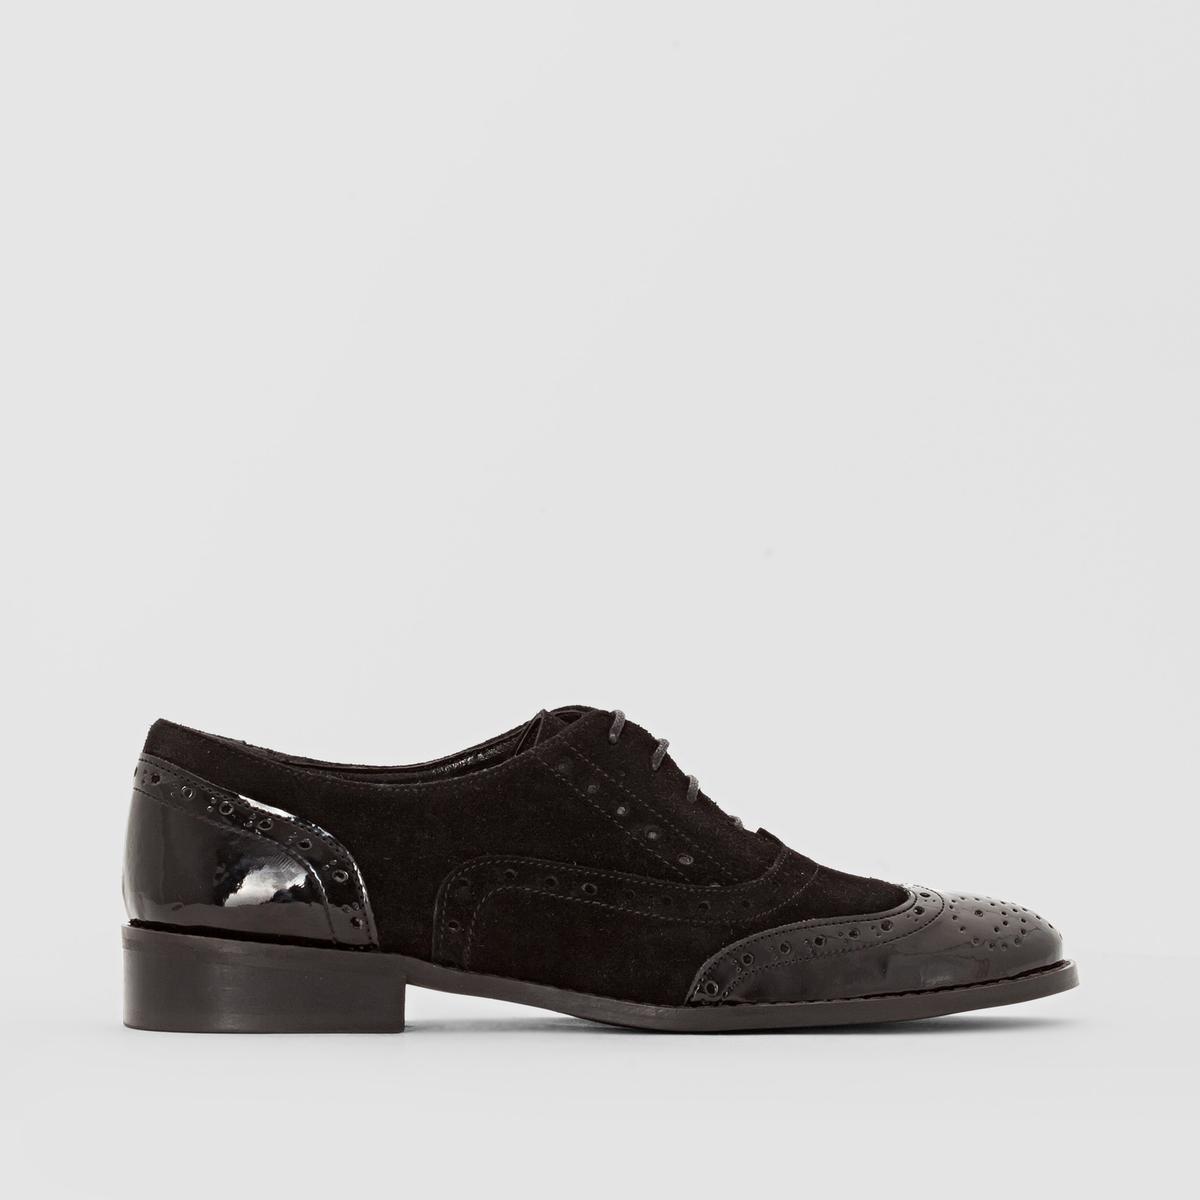 Ботинки-дерби кожаные из двух материаловДетали   •  Ботинки-дерби •  Высота каблука : 0 см •  Застежка : шнуровка •  Круглый мысок •  Гладкая отделкаСостав и уход   •  Верх 100% кожа<br><br>Цвет: черный<br>Размер: 36.42.41.40.39.38.37